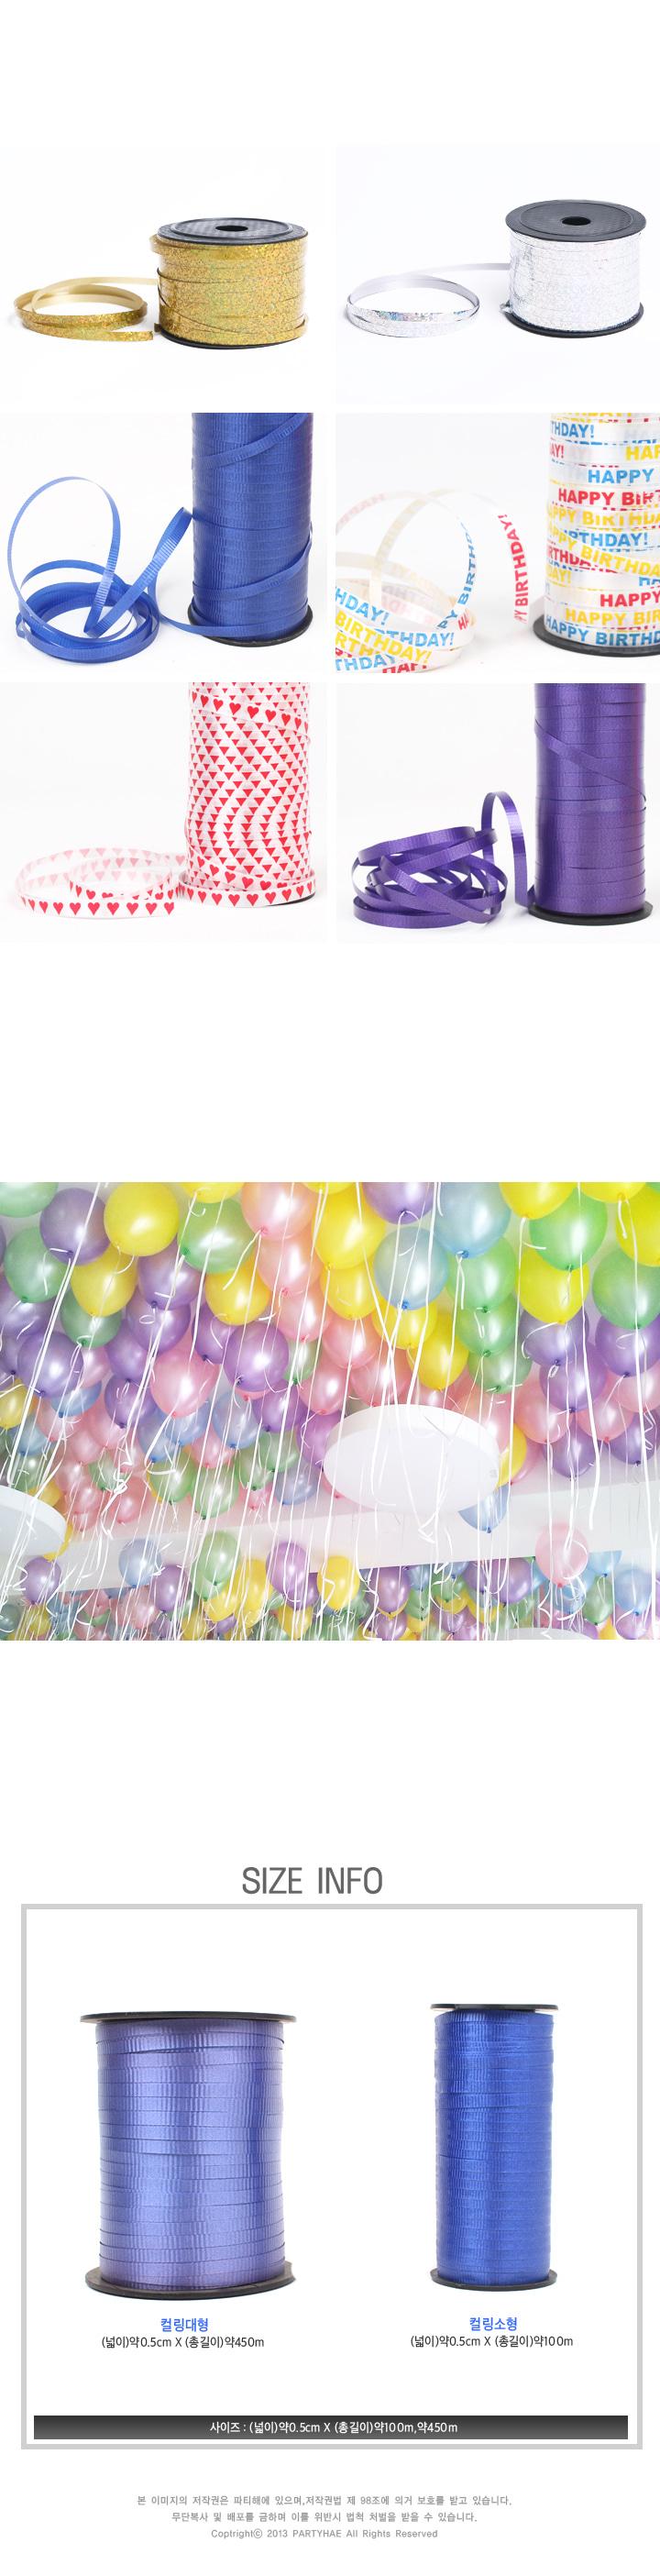 컬링리본(소형)-퍼플 - 파티해, 2,000원, 리본공예, 리본